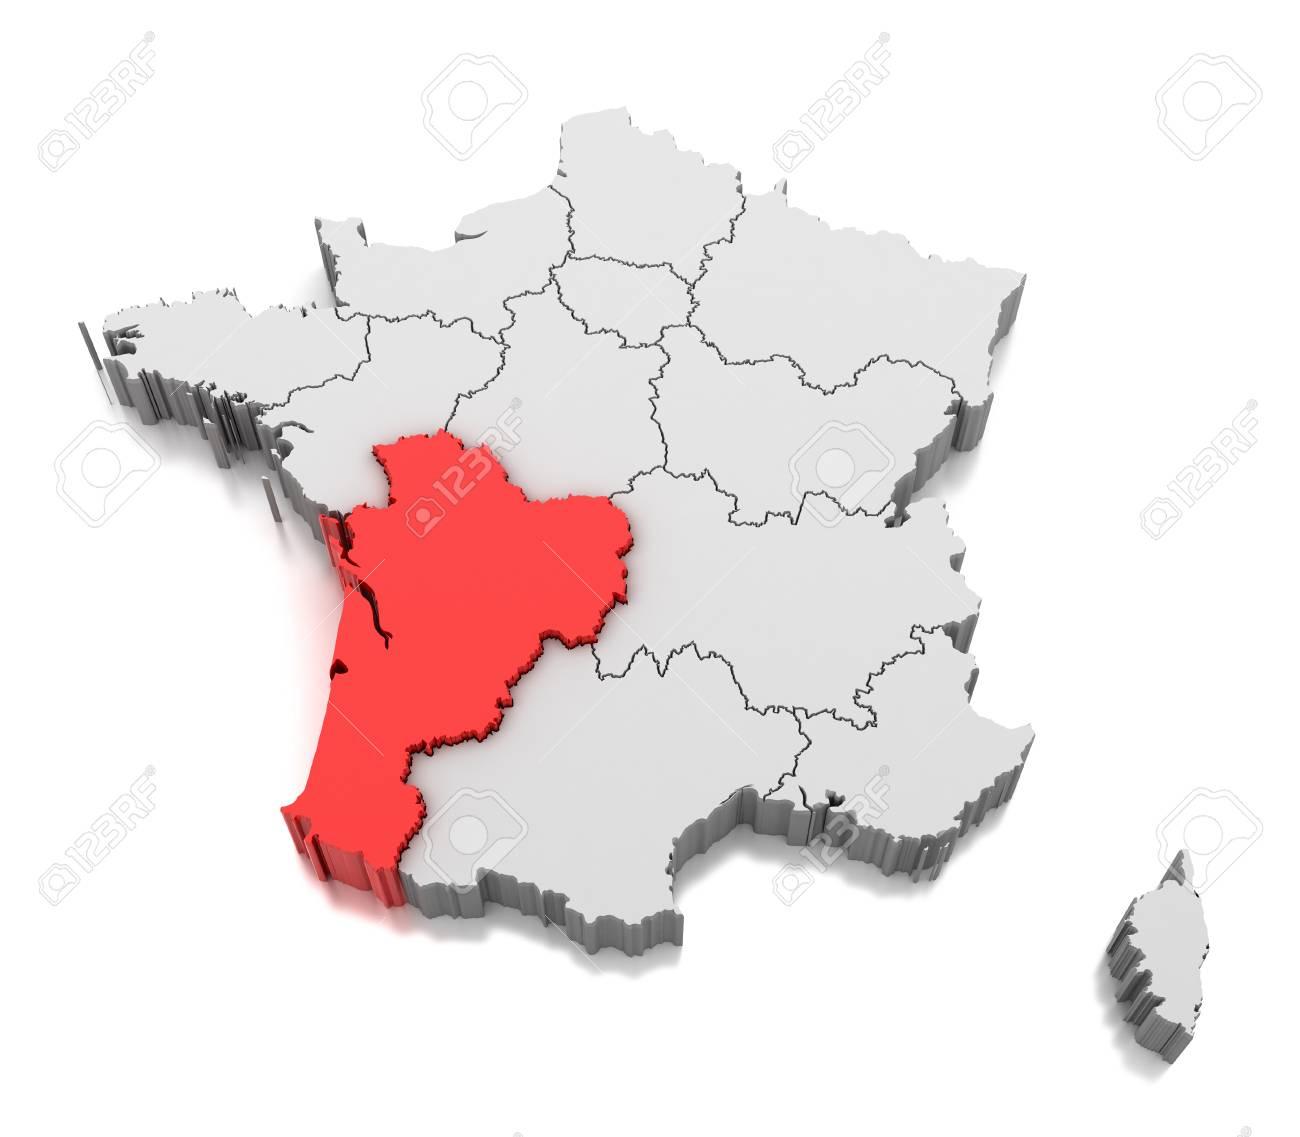 Map Of Nouvelle Aquitaine Region, France destiné Carte Nouvelle Region